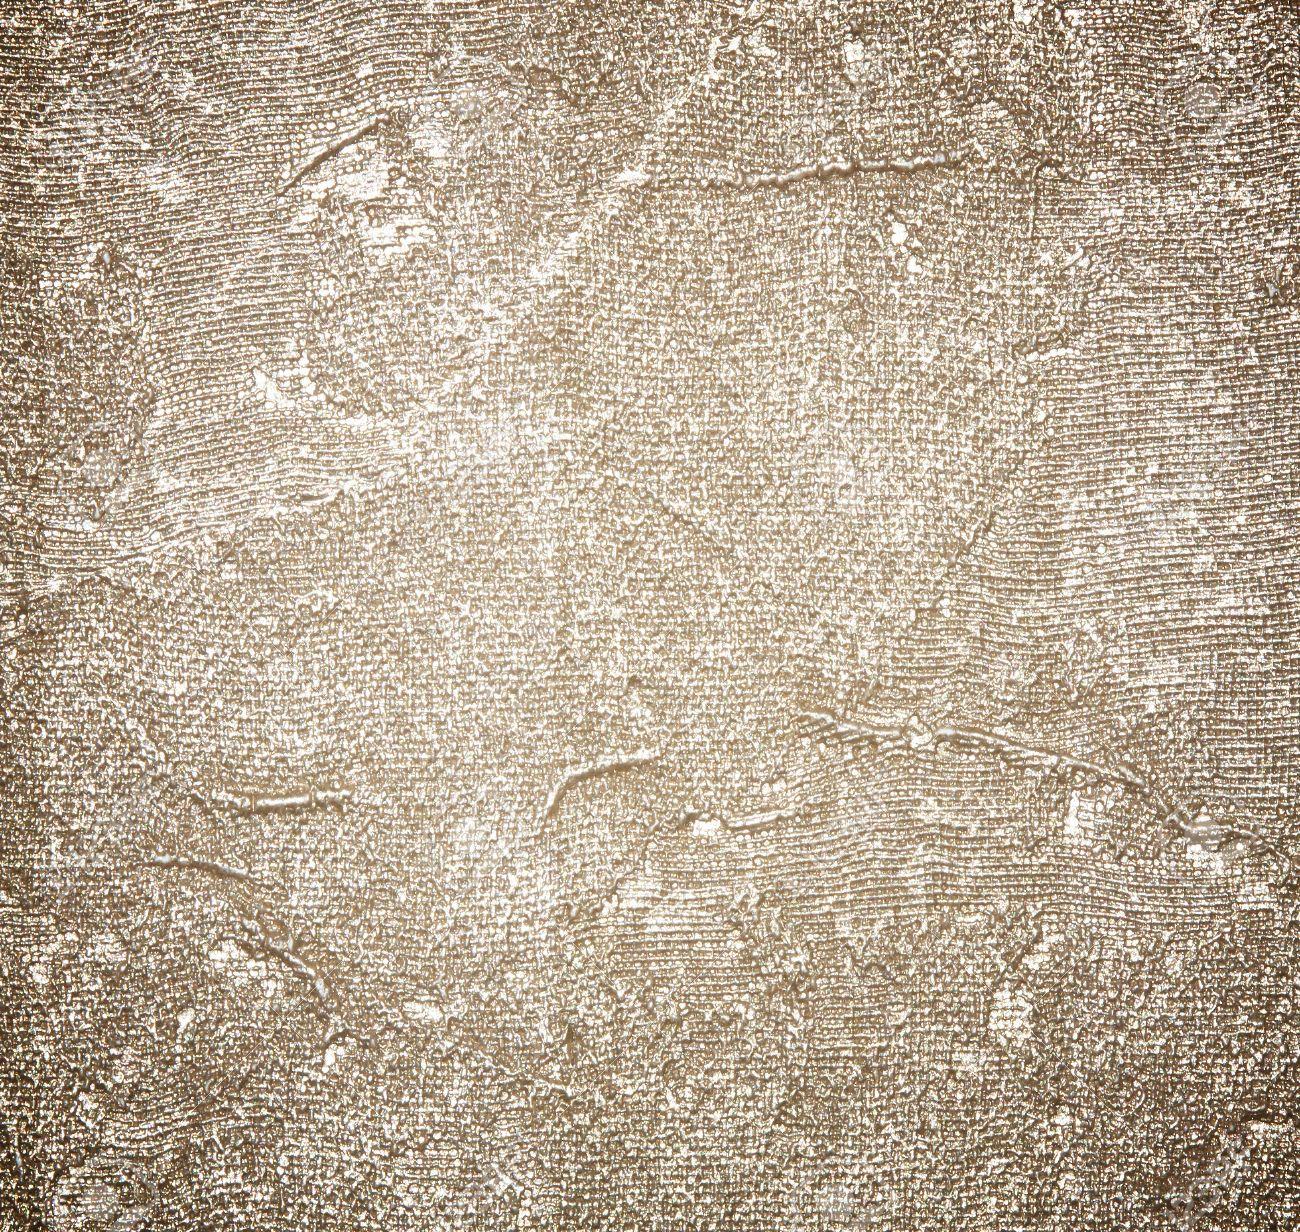 vintage vinyl wallpaper texture mur de fond de l'intérieur banque d